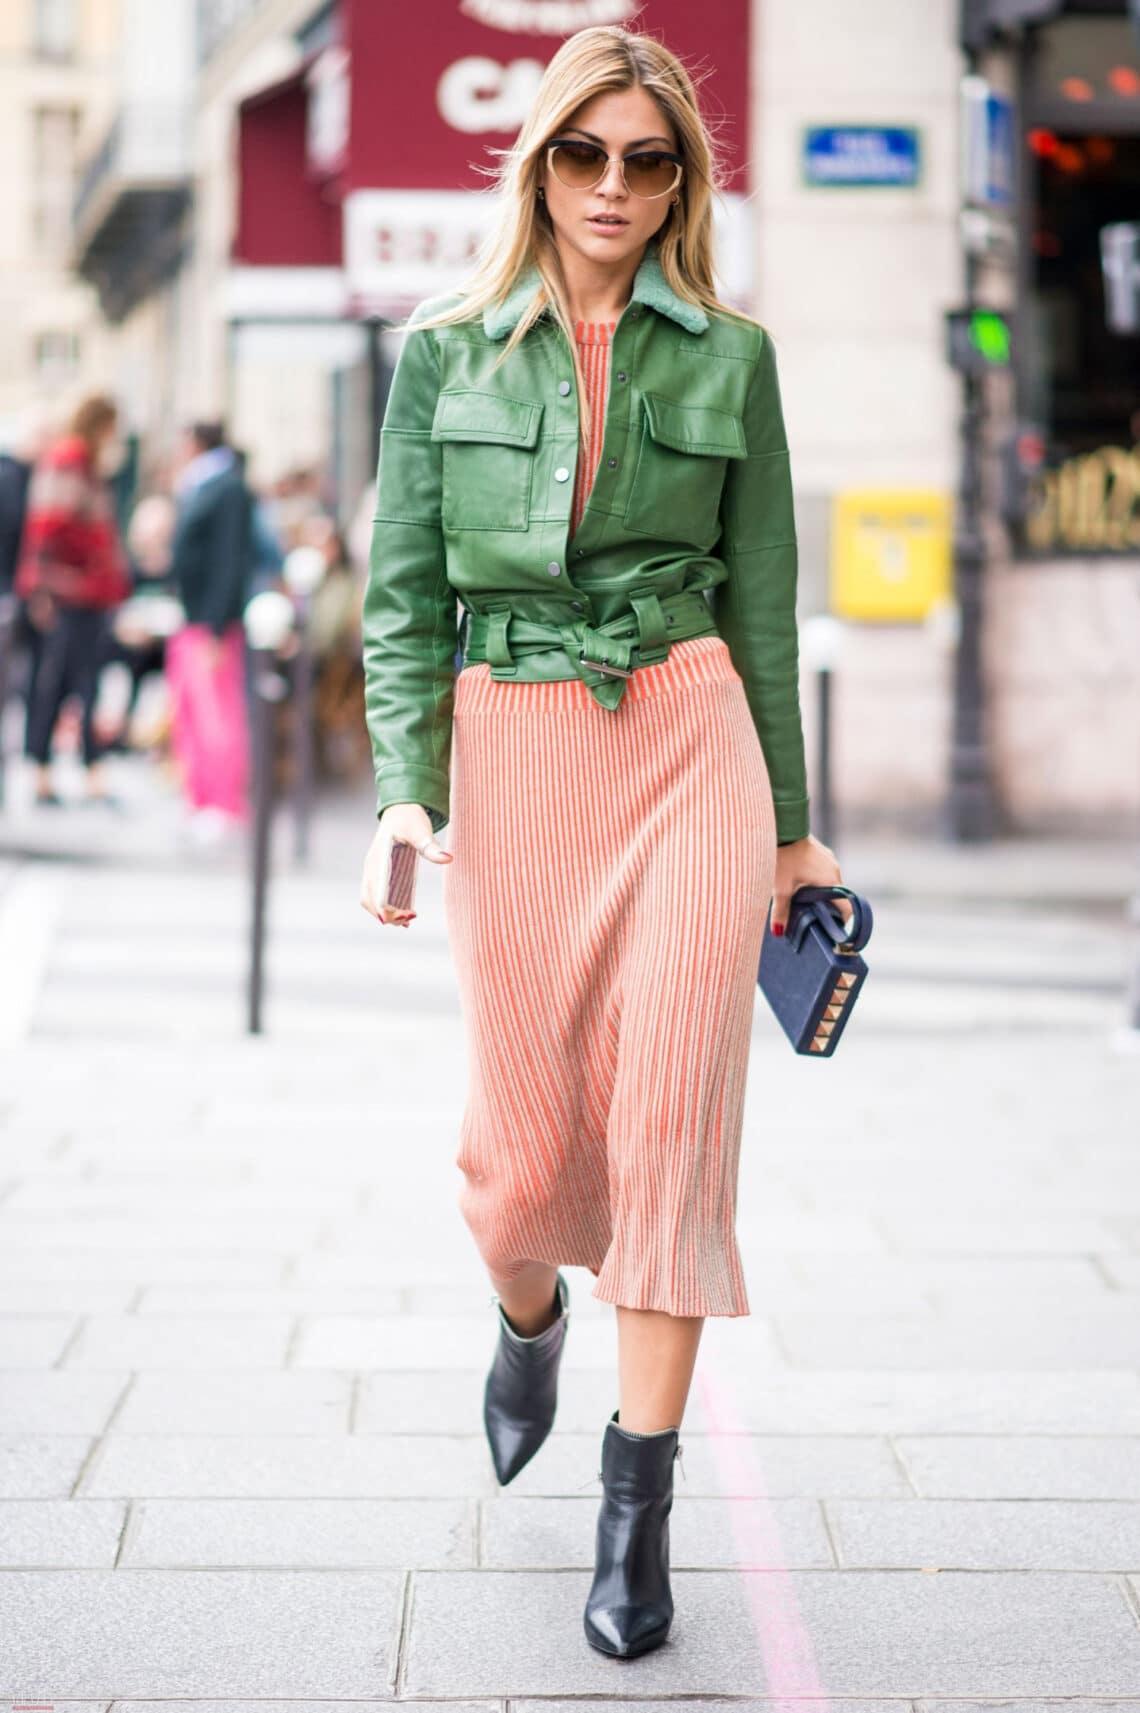 Üdítő zöld a tavaszi divatban – Így hordd!